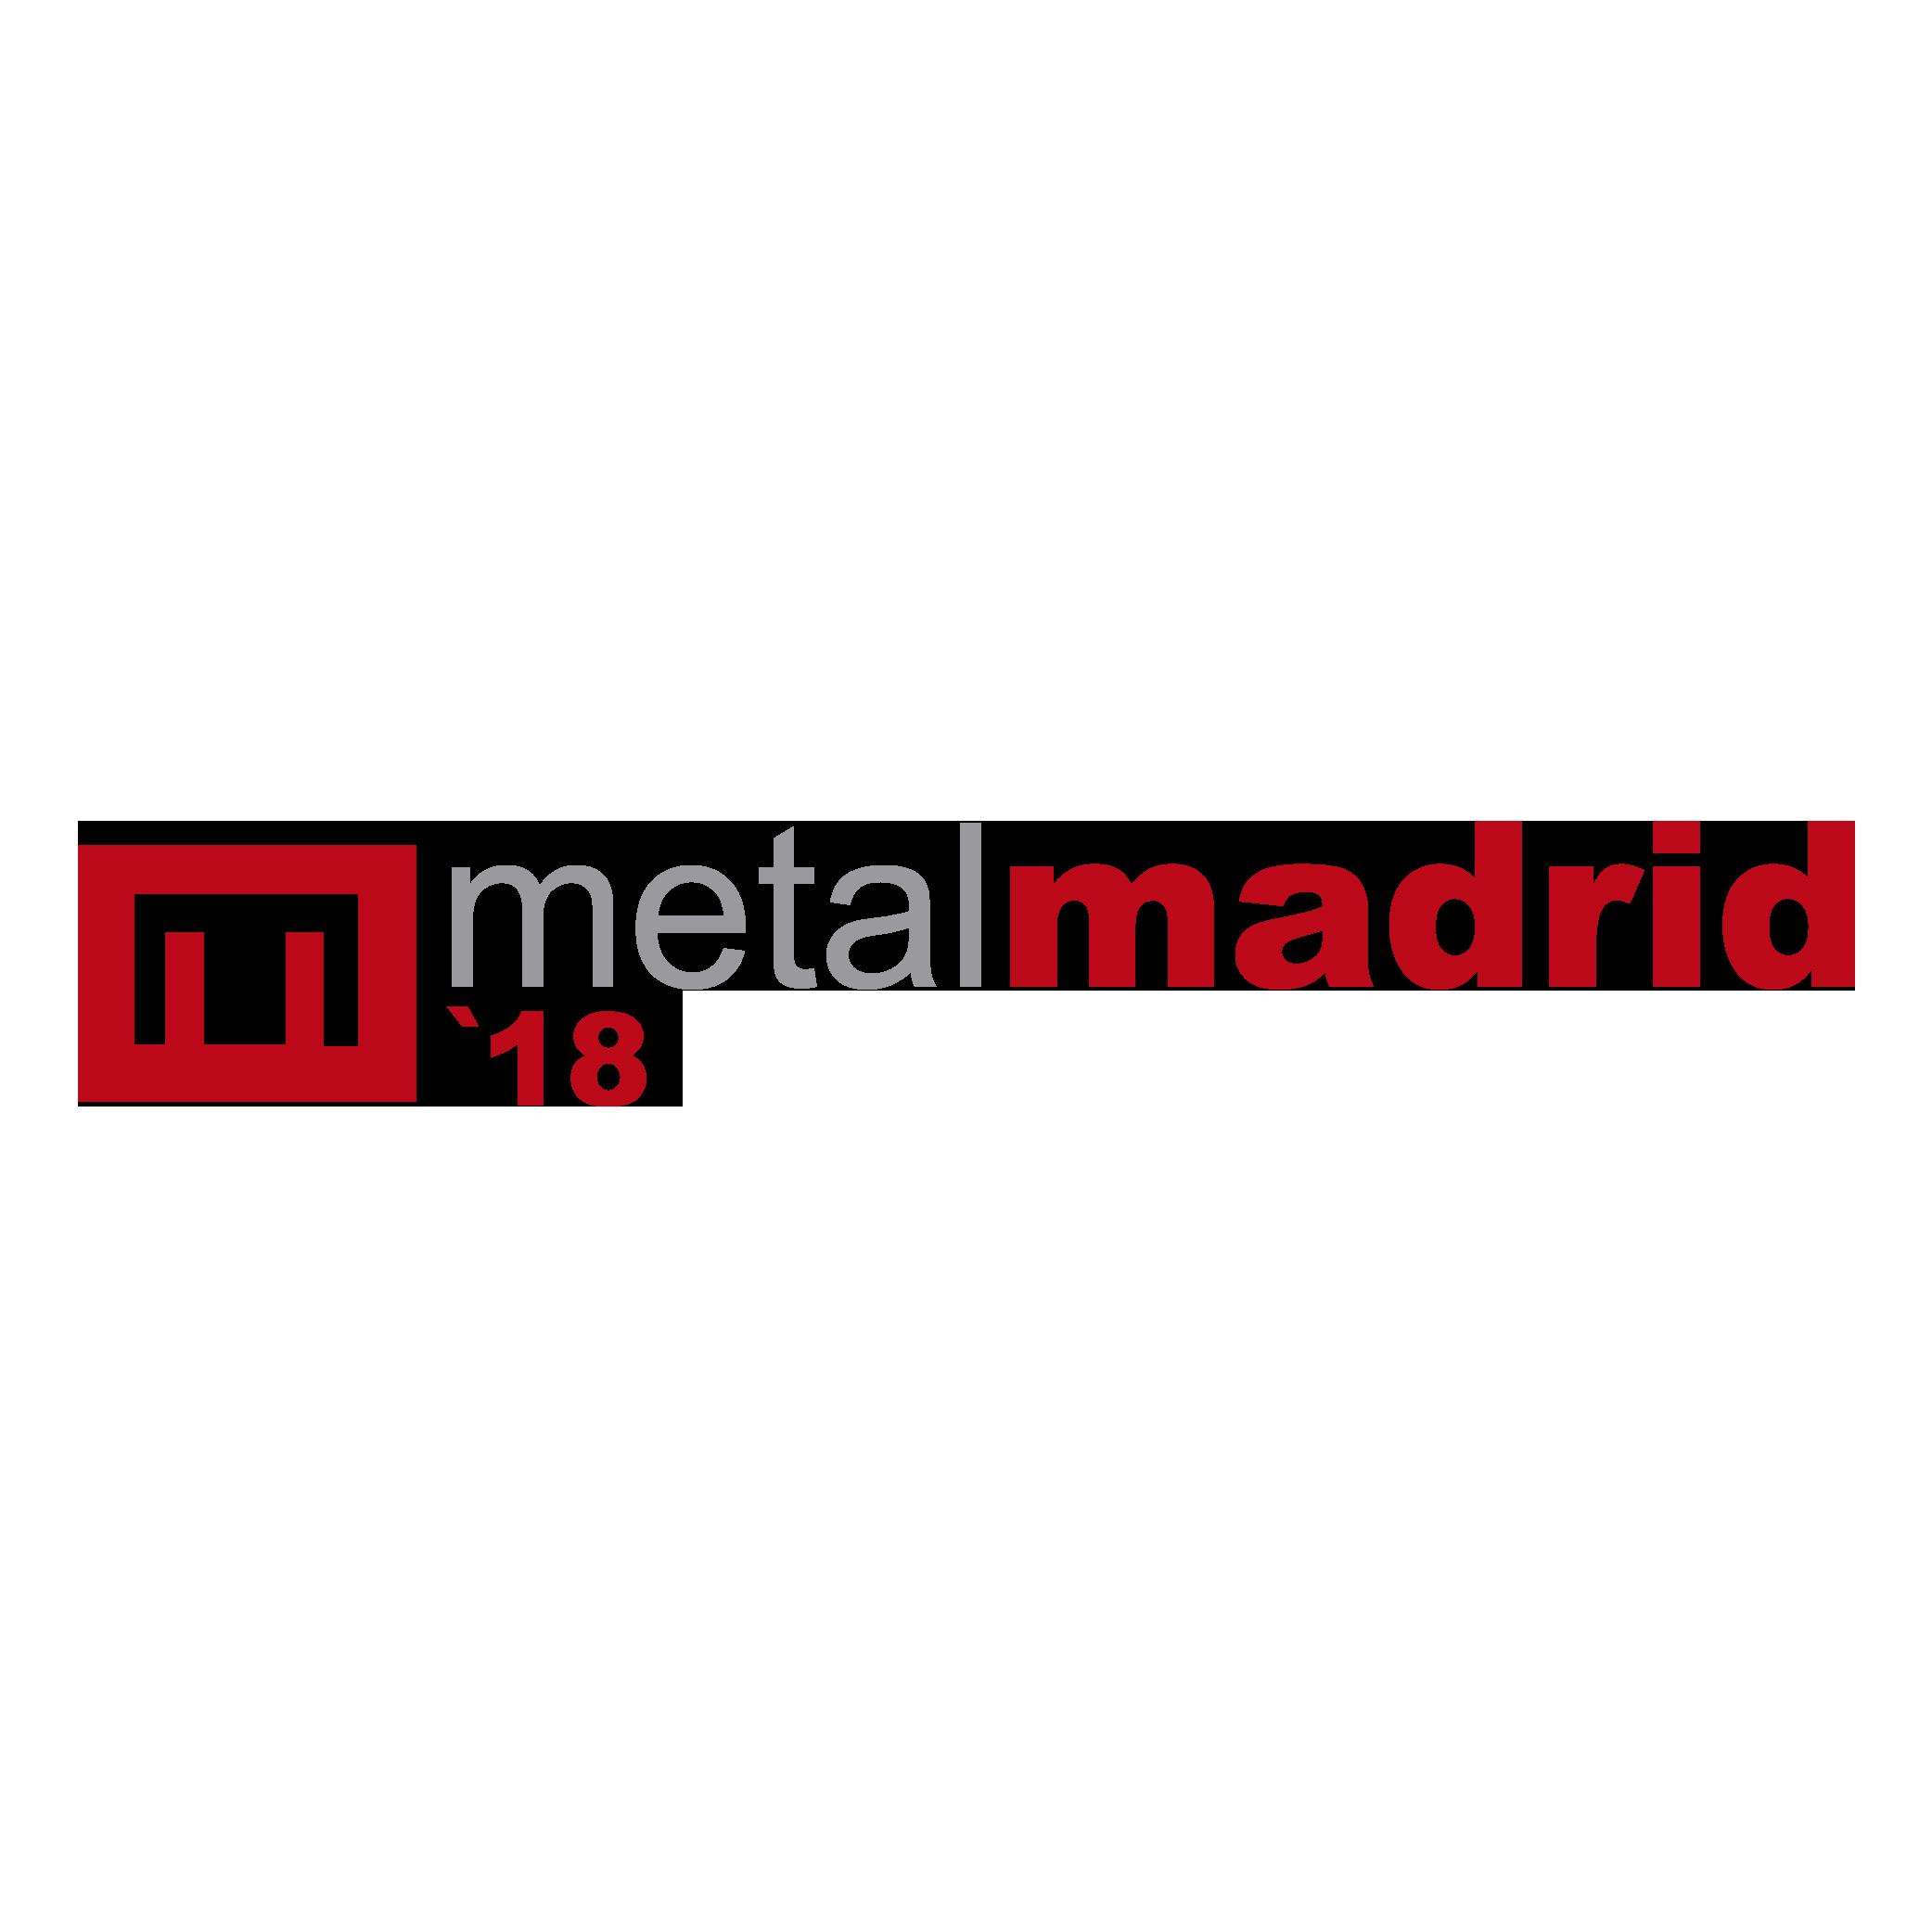 FERIA METALMADRID 2018